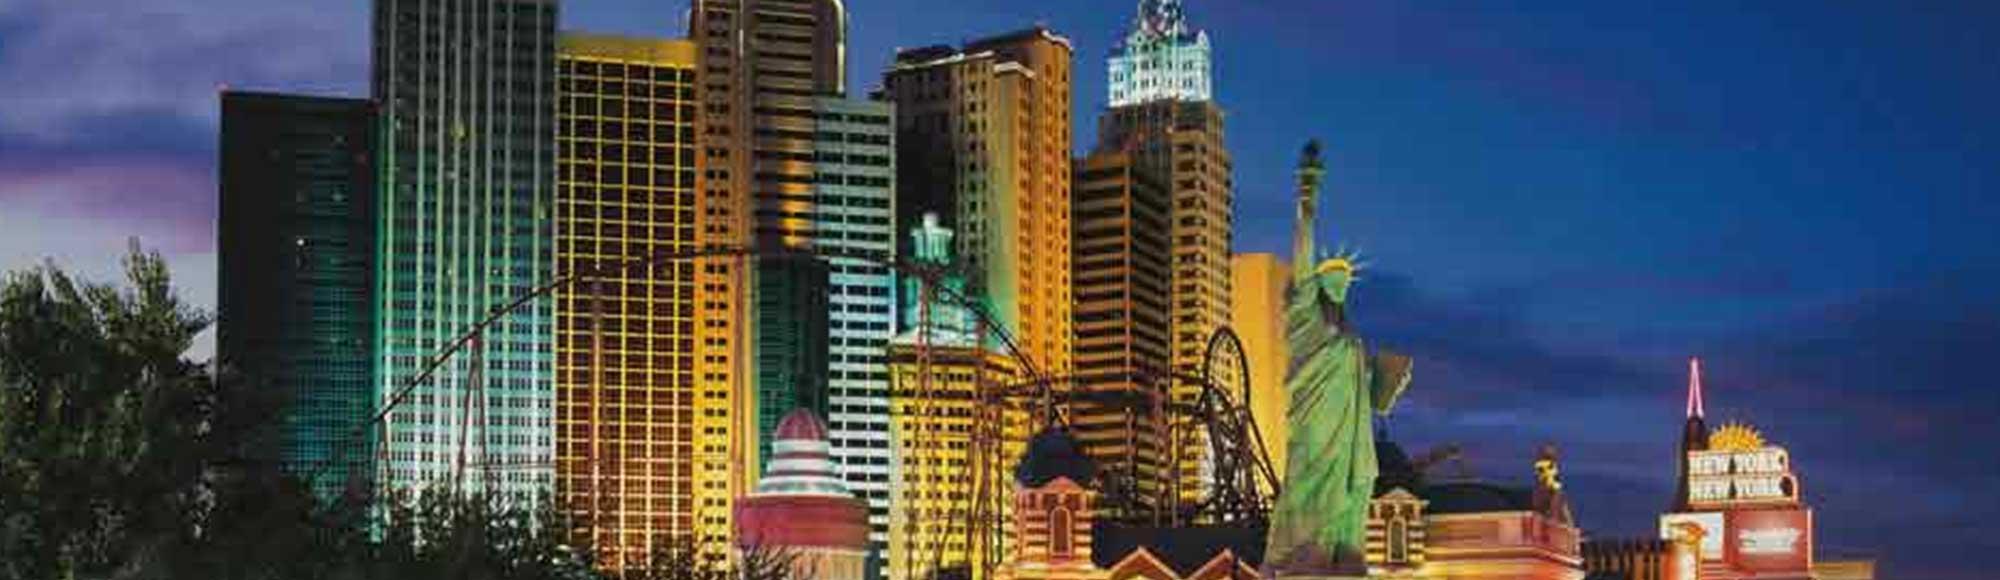 Roller Coaster At Ny Hotel